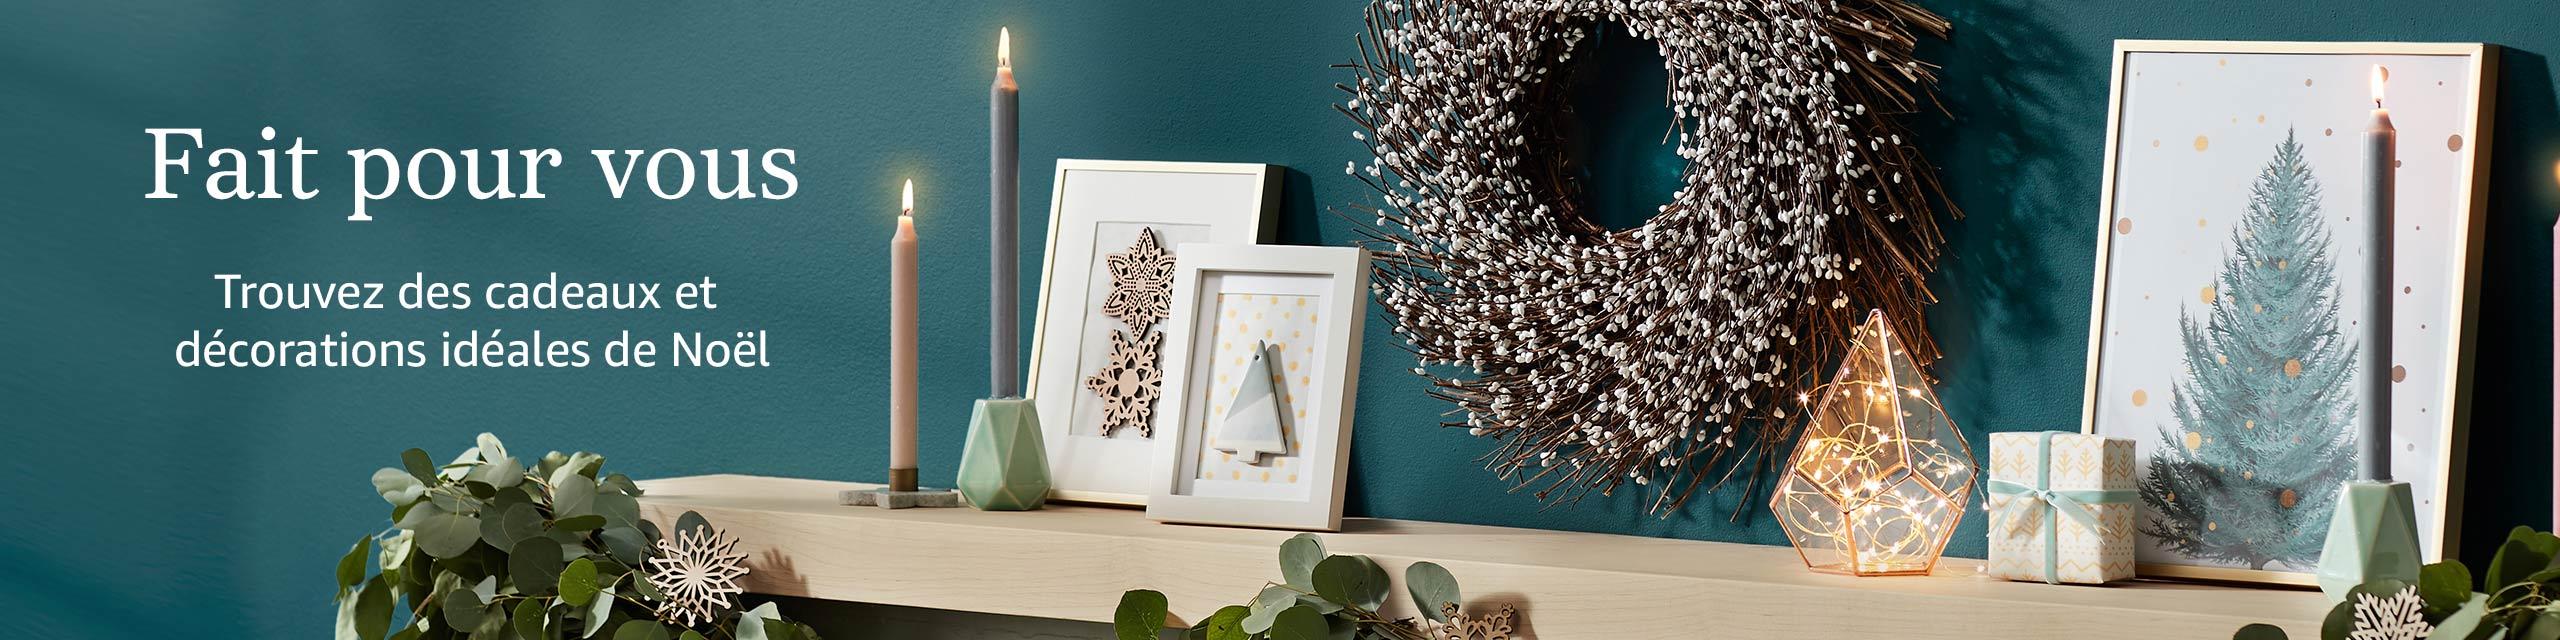 Fait pour vous Trouvez des cadeaux et décorations idéales de Noël